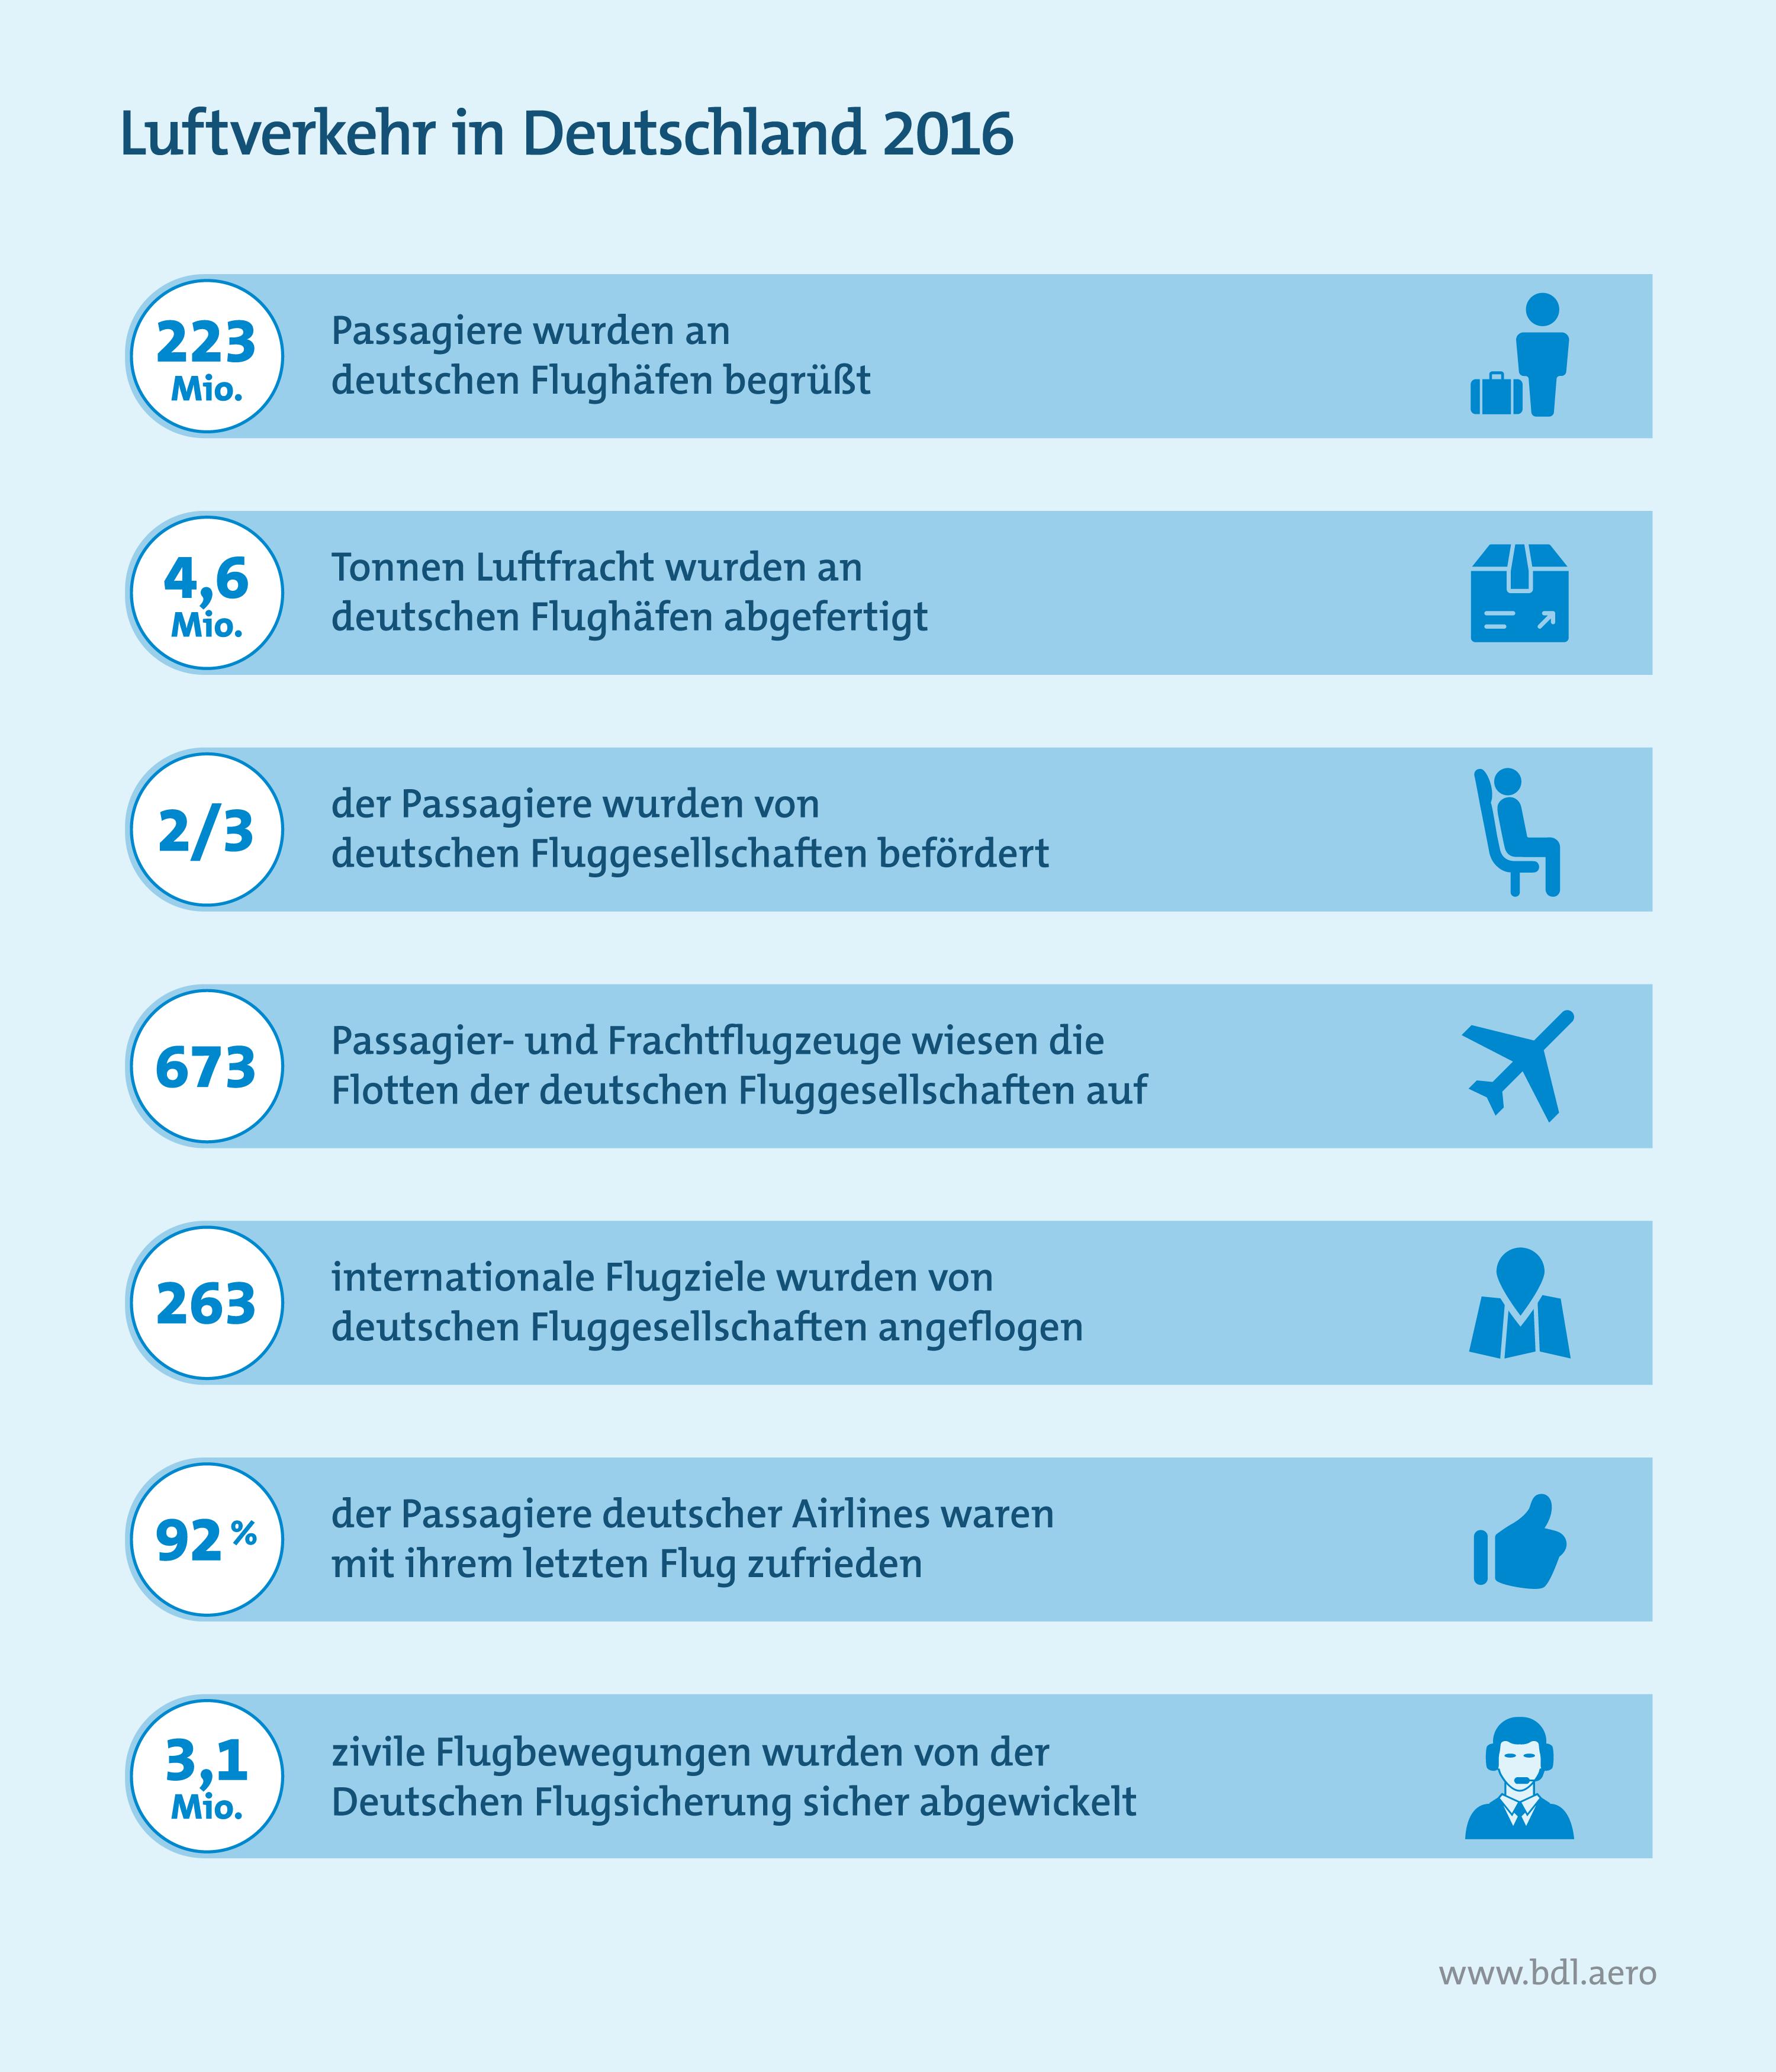 Luftverkehr in Deutschland